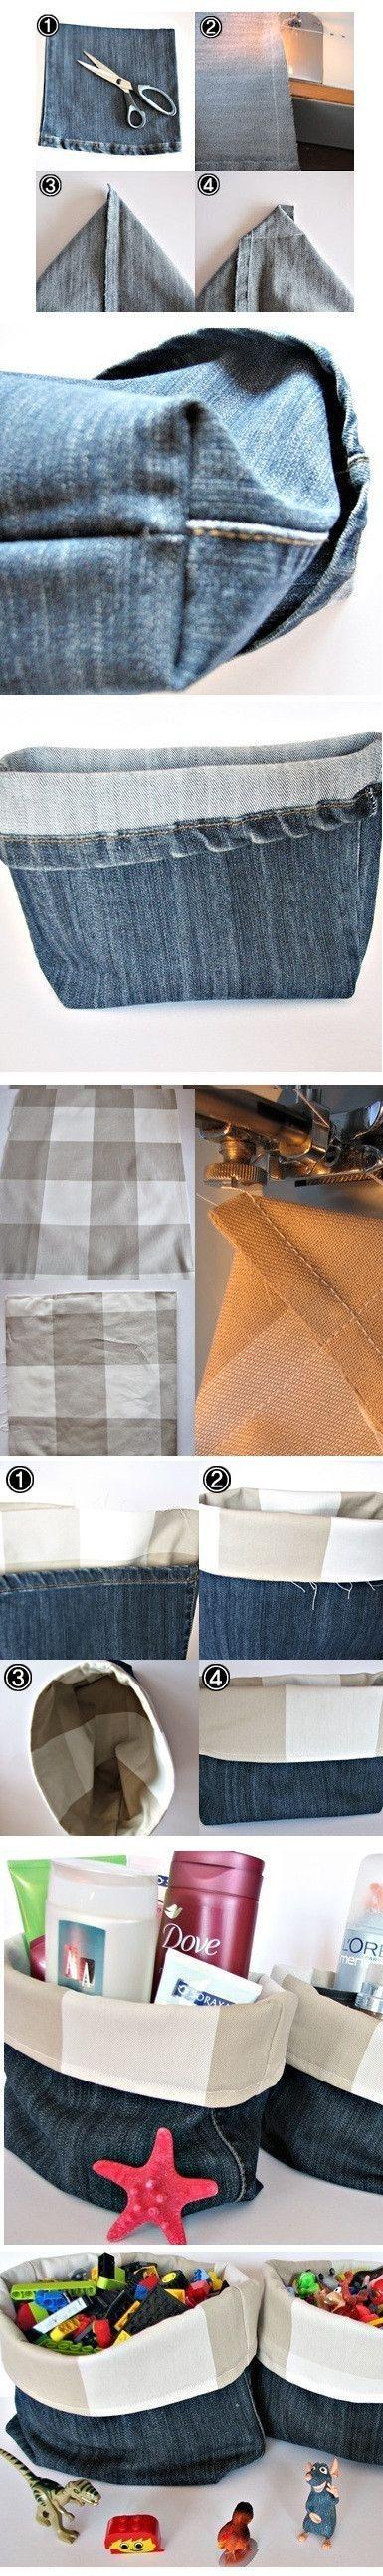 DIY Denim Fabric Baskets #DailyLifeBuff